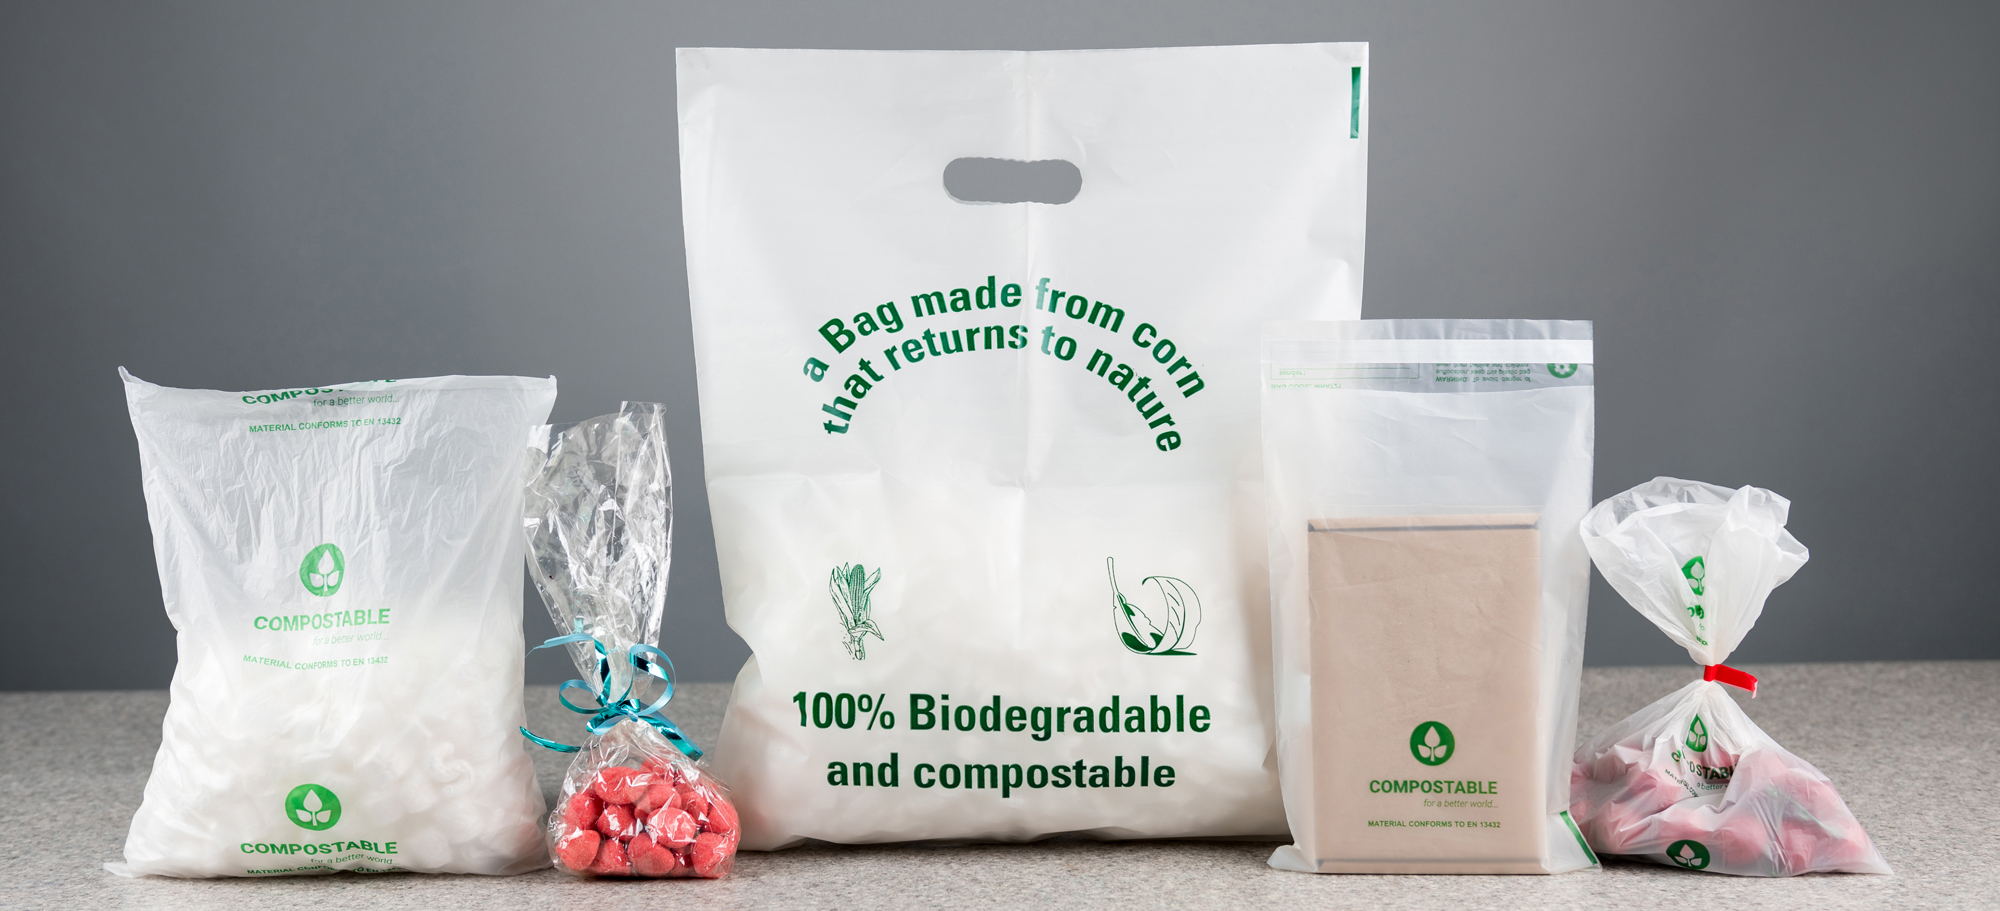 Chuyên túi tự hủy chất lượng giá rẻ